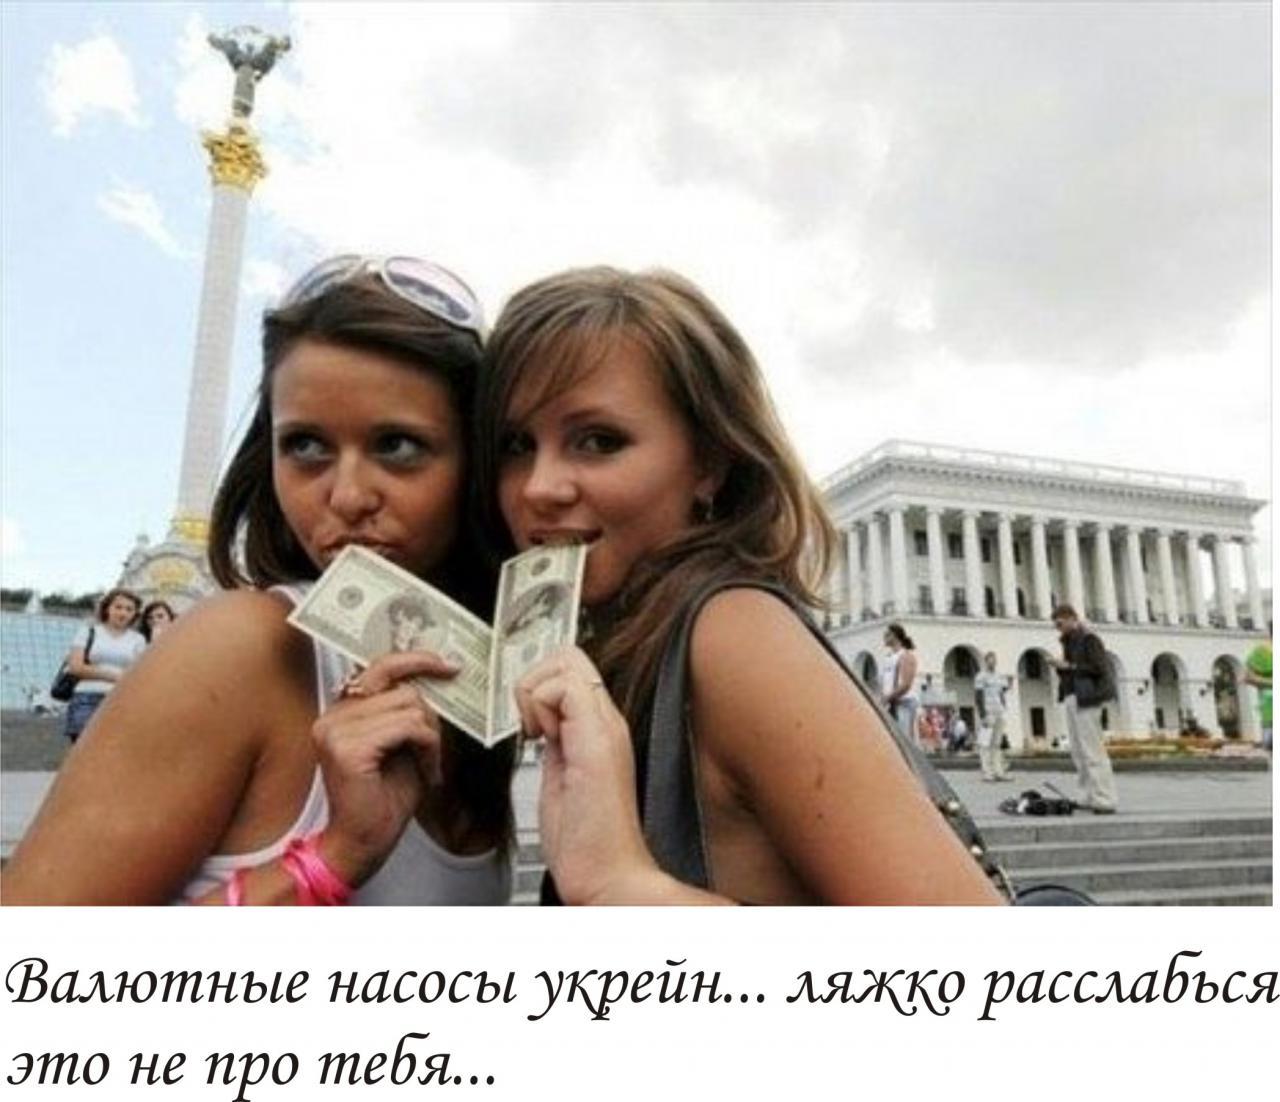 Хохлушку первый раз смотреть онлайн 2 фотография